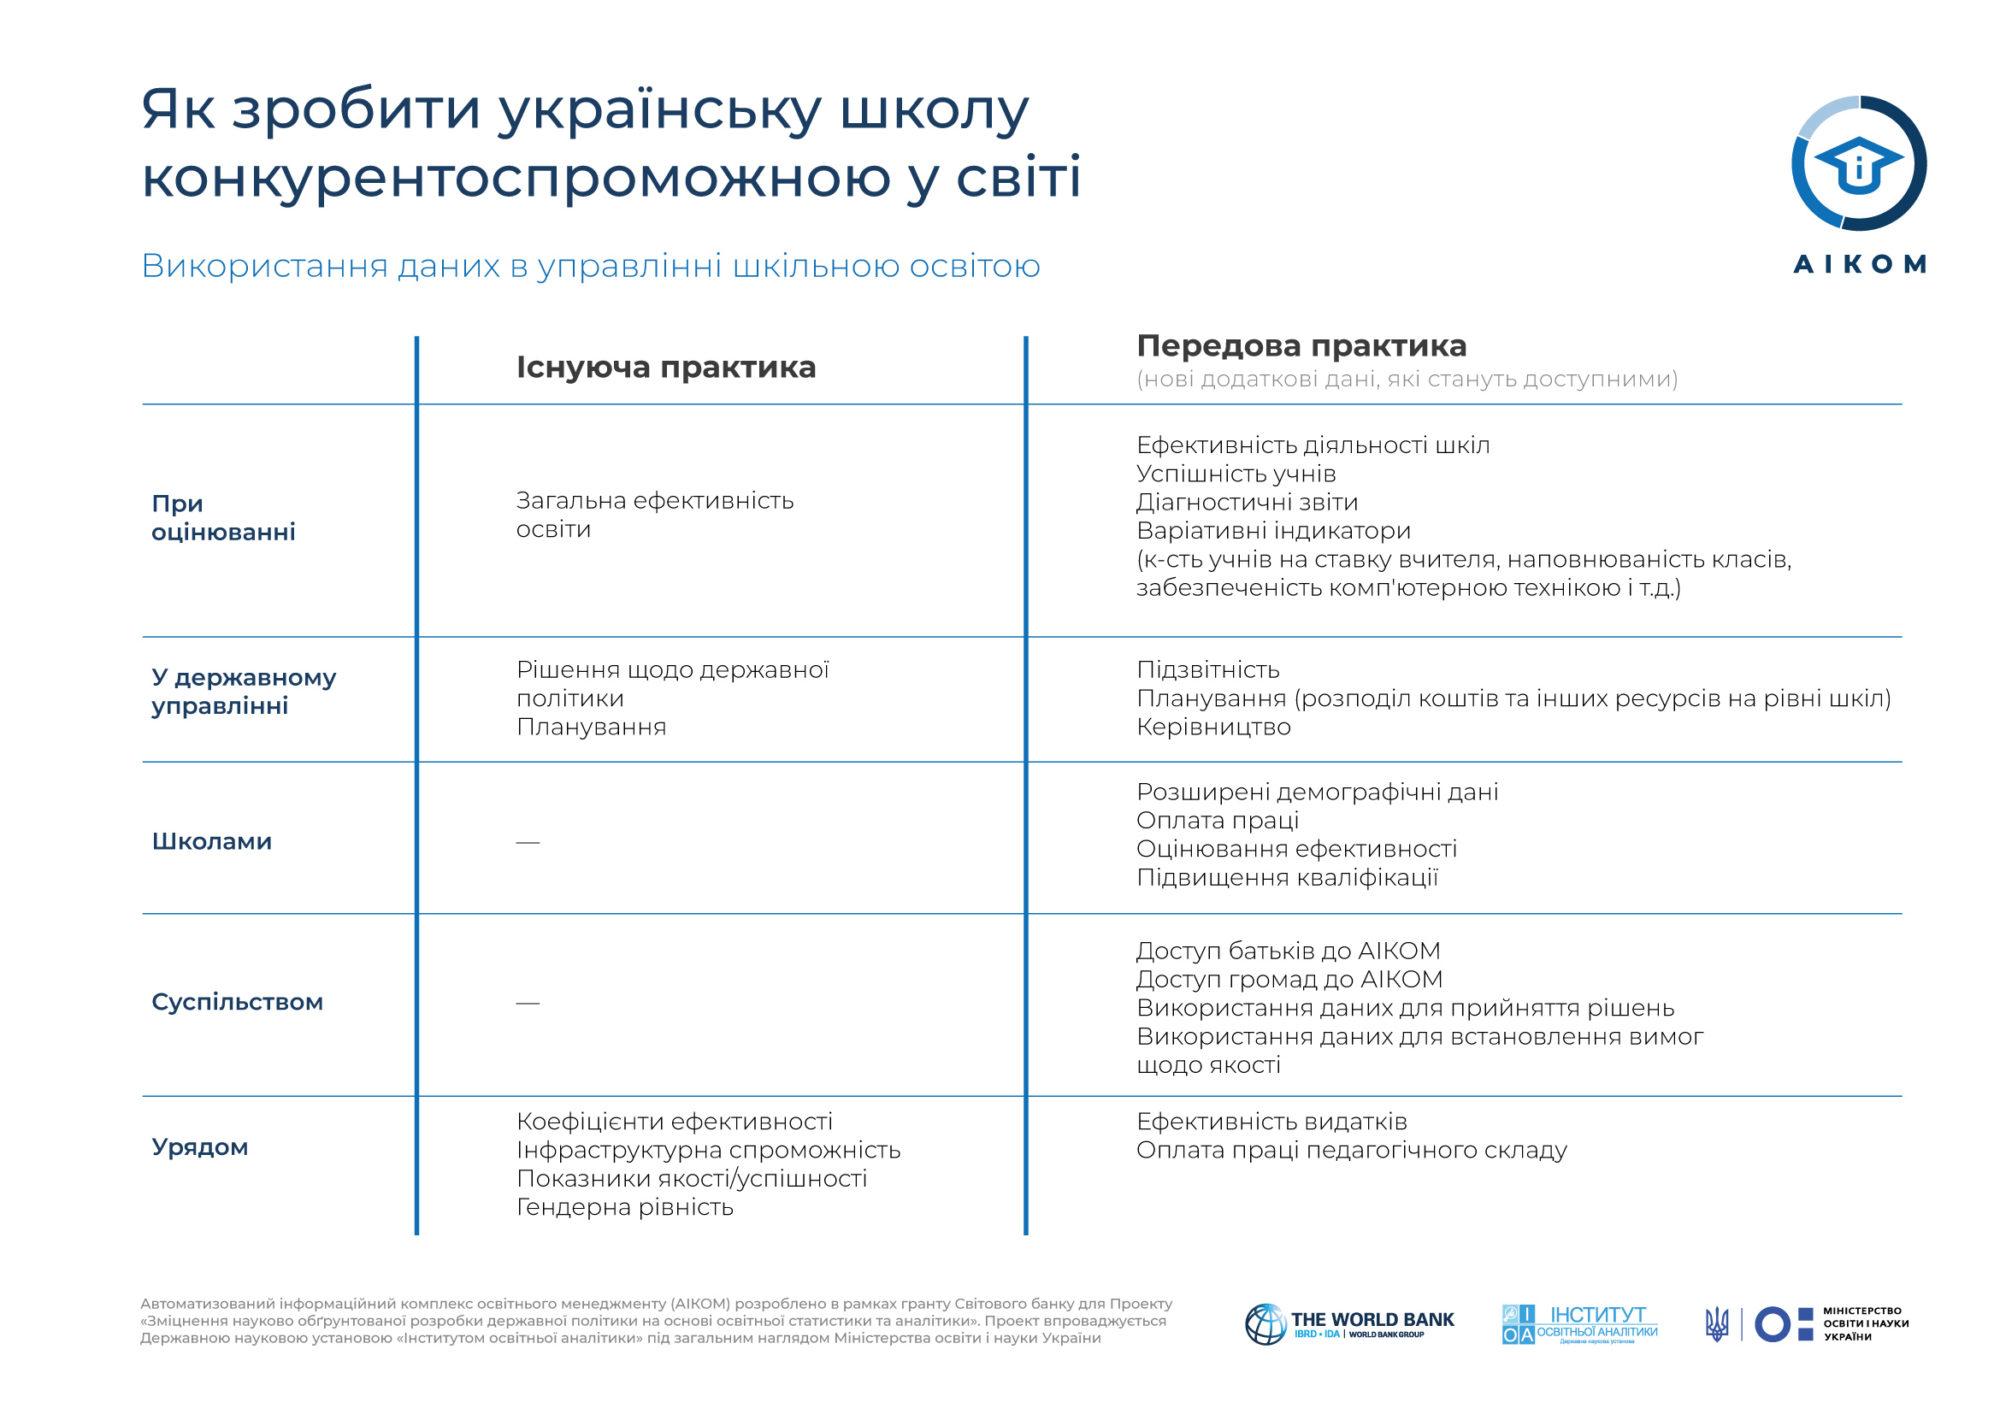 Infografika-2-2000x1414 Освітні інформаційні технології  як інструмент підвищення конкурентоспроможності української школи